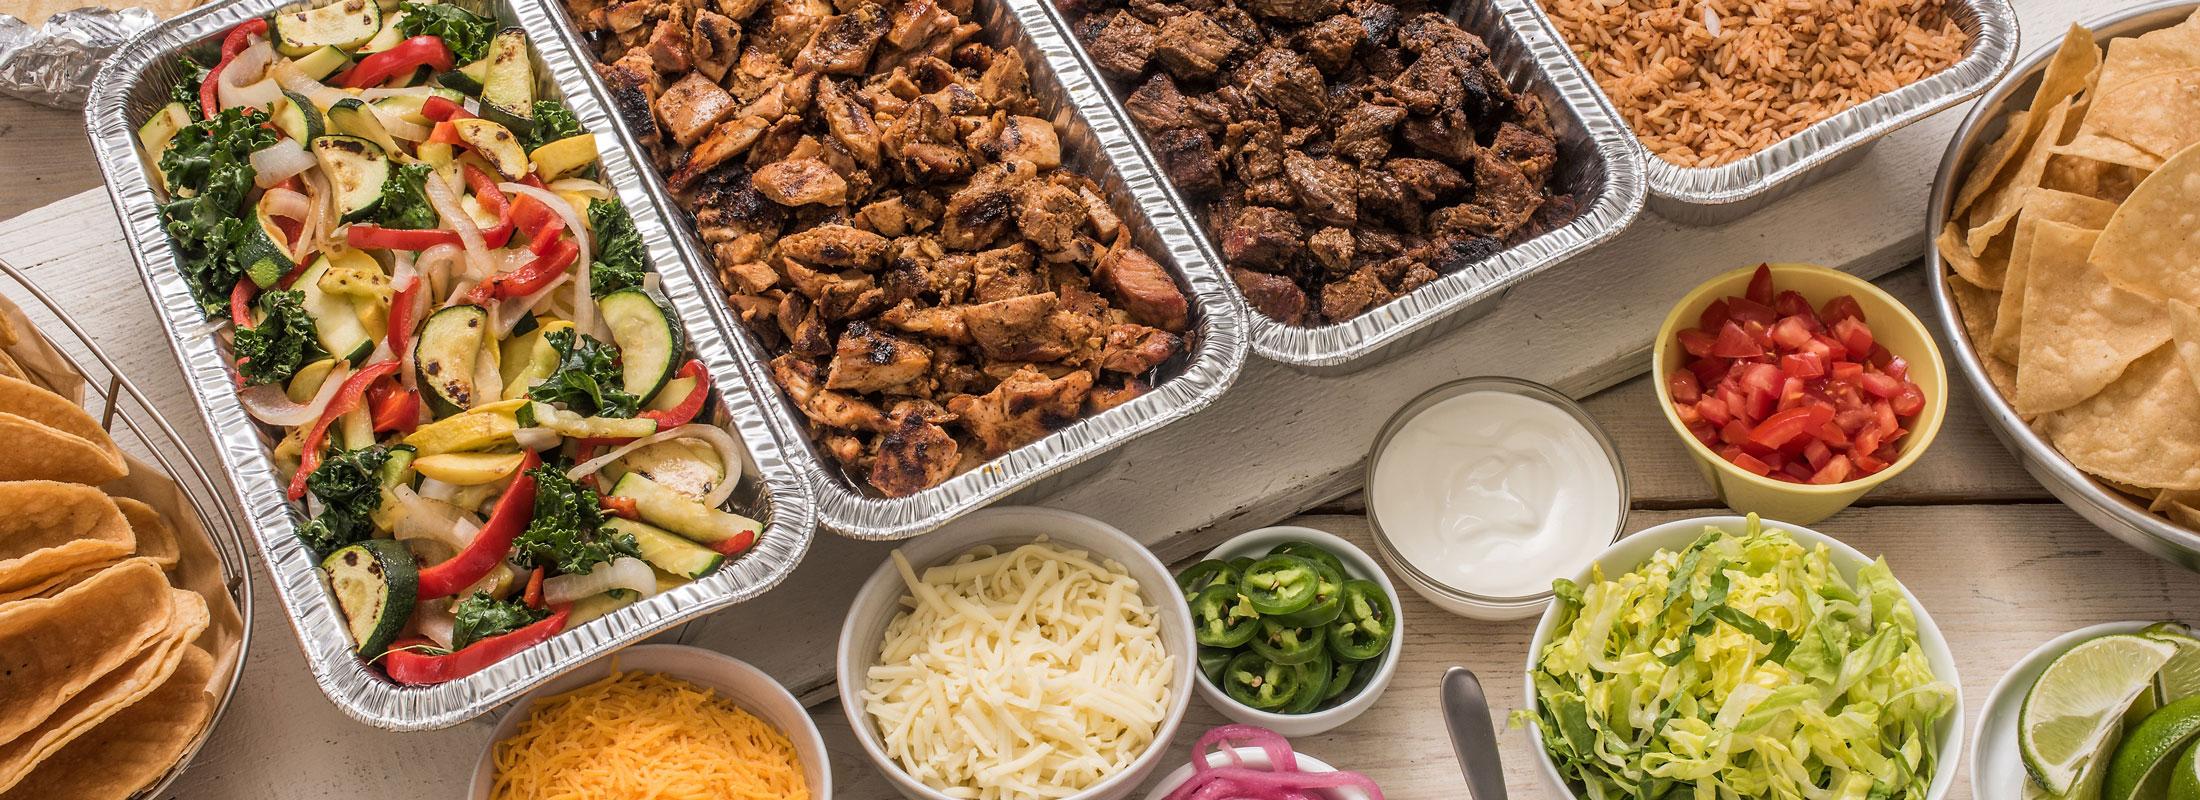 Wij verzorgen graag uw catering buffet.